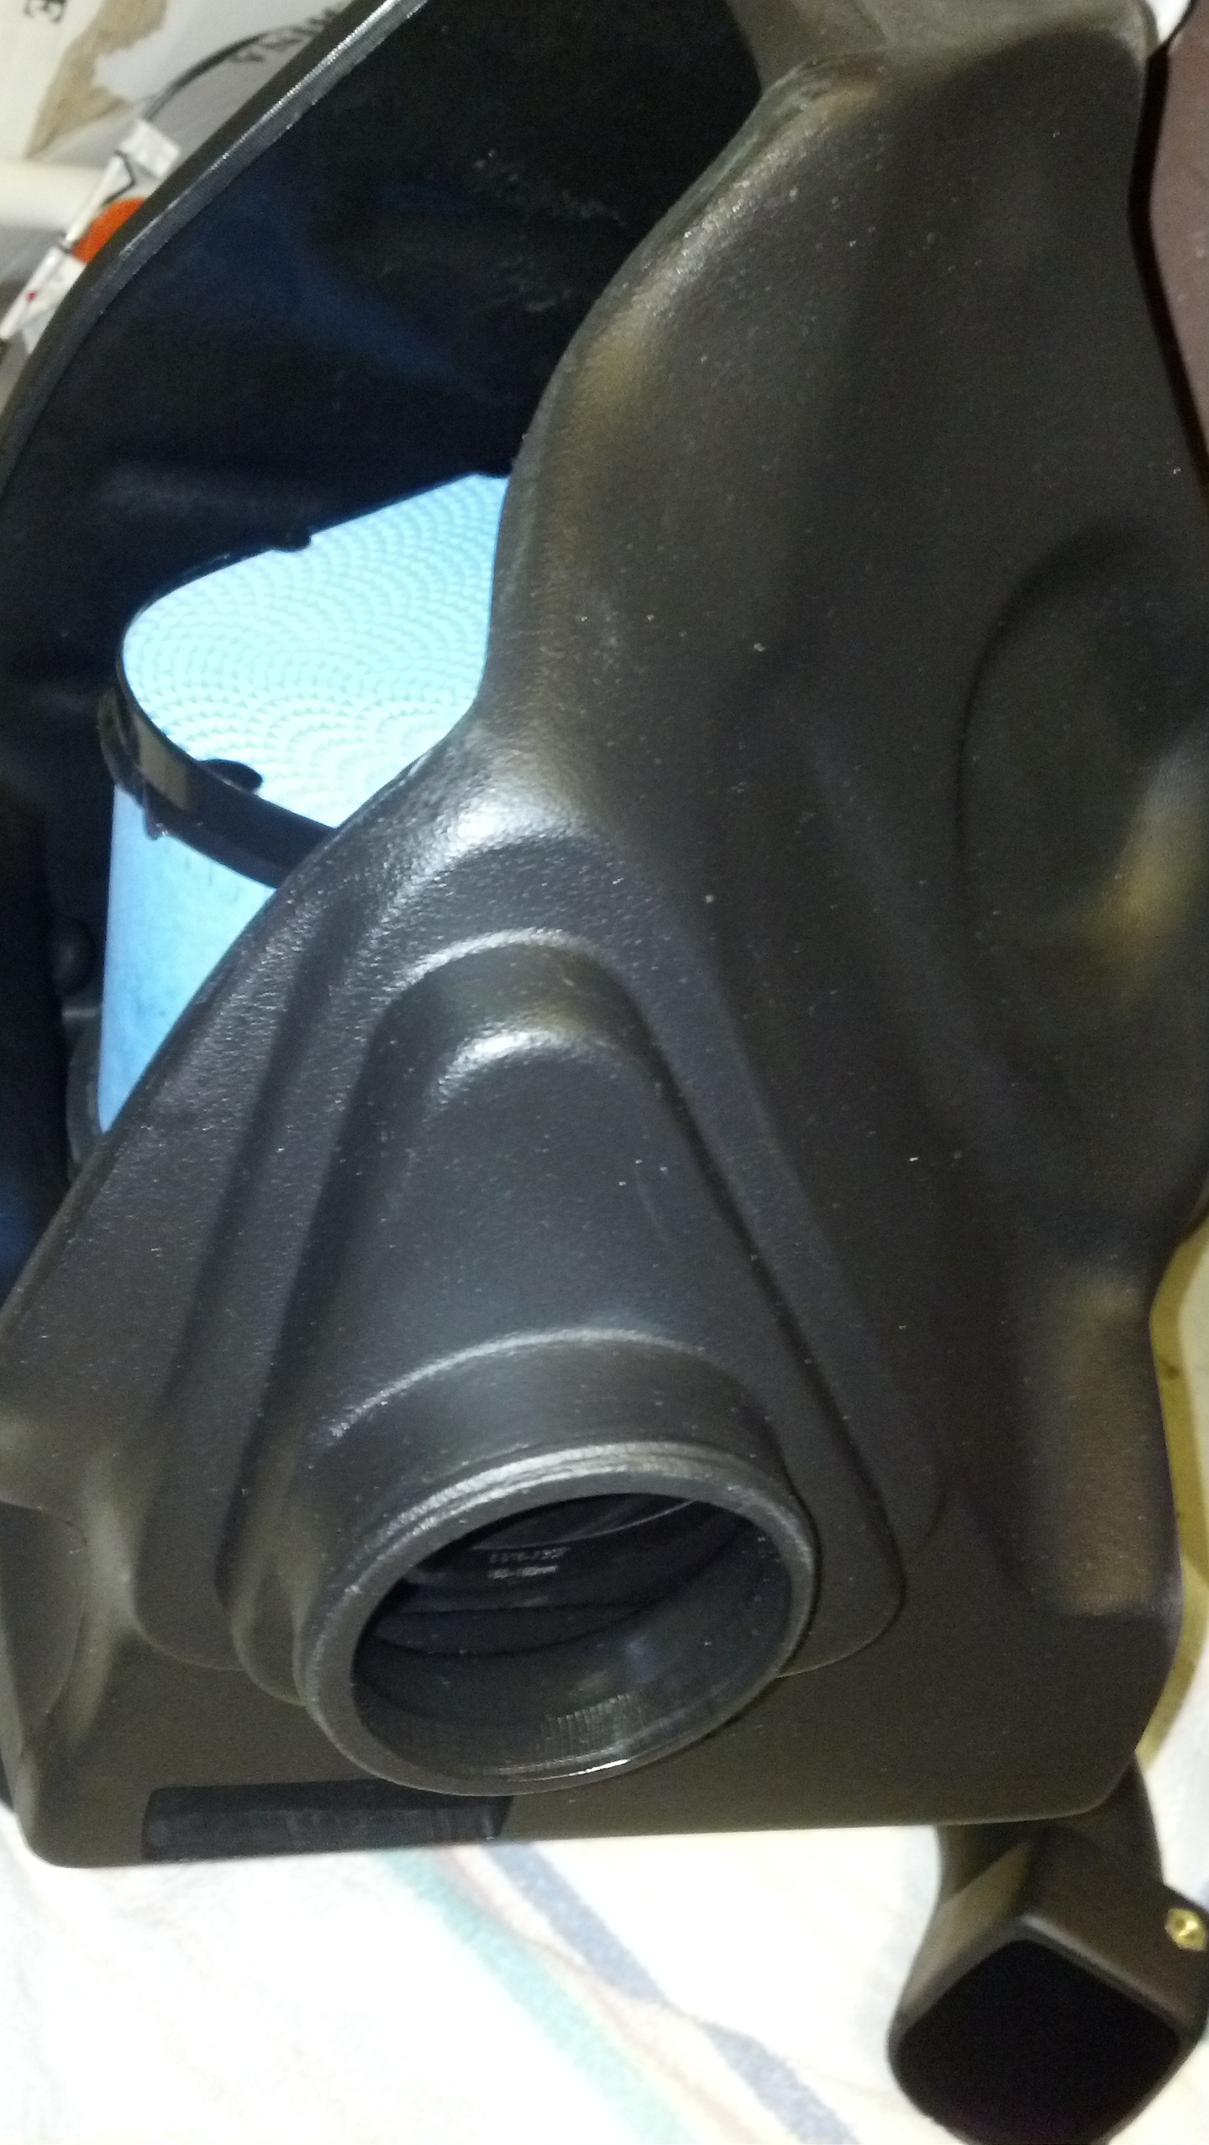 Volant CAI (pics/install/review) Part#162576-volant-cai-4.jpg